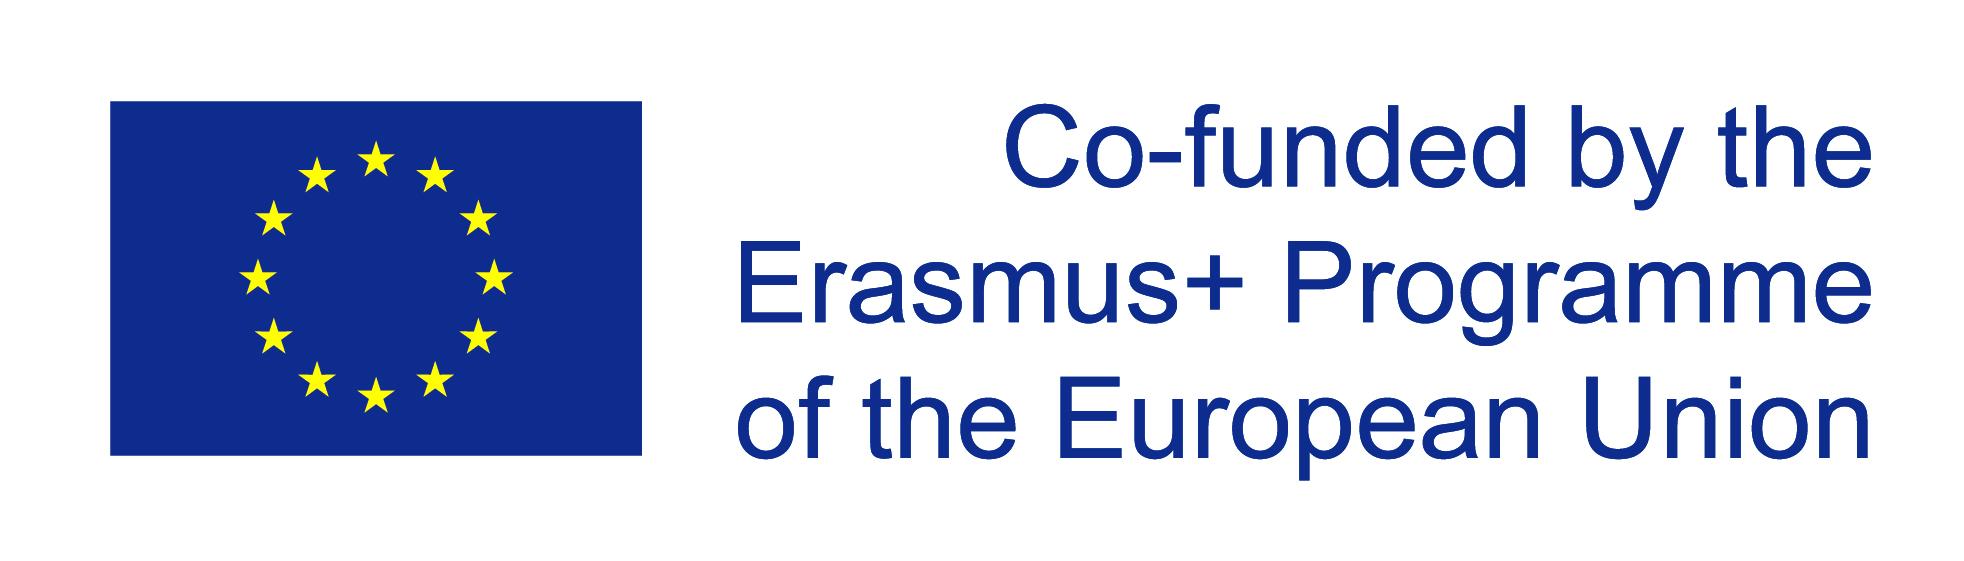 Onboard Erasmus European Union